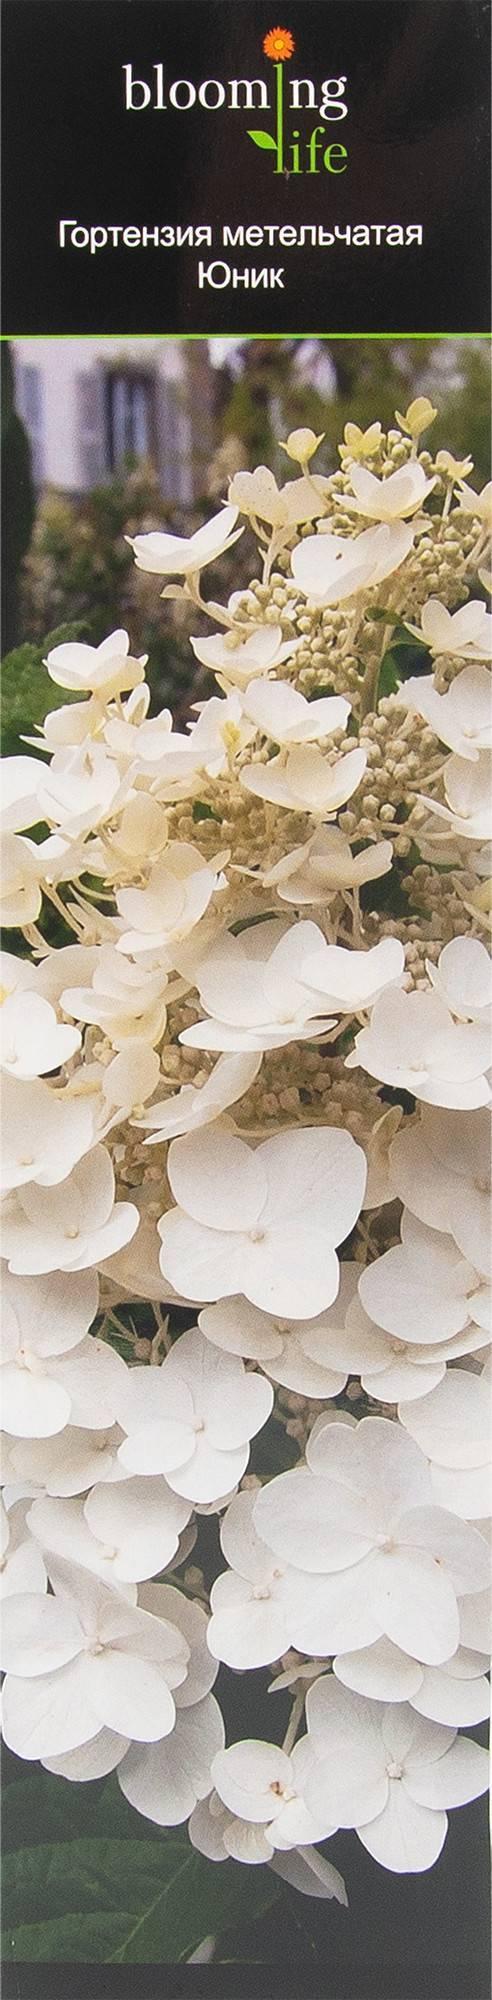 Мега минди: сорт метельчатой гортензии, посадка и уход в открытом грунте